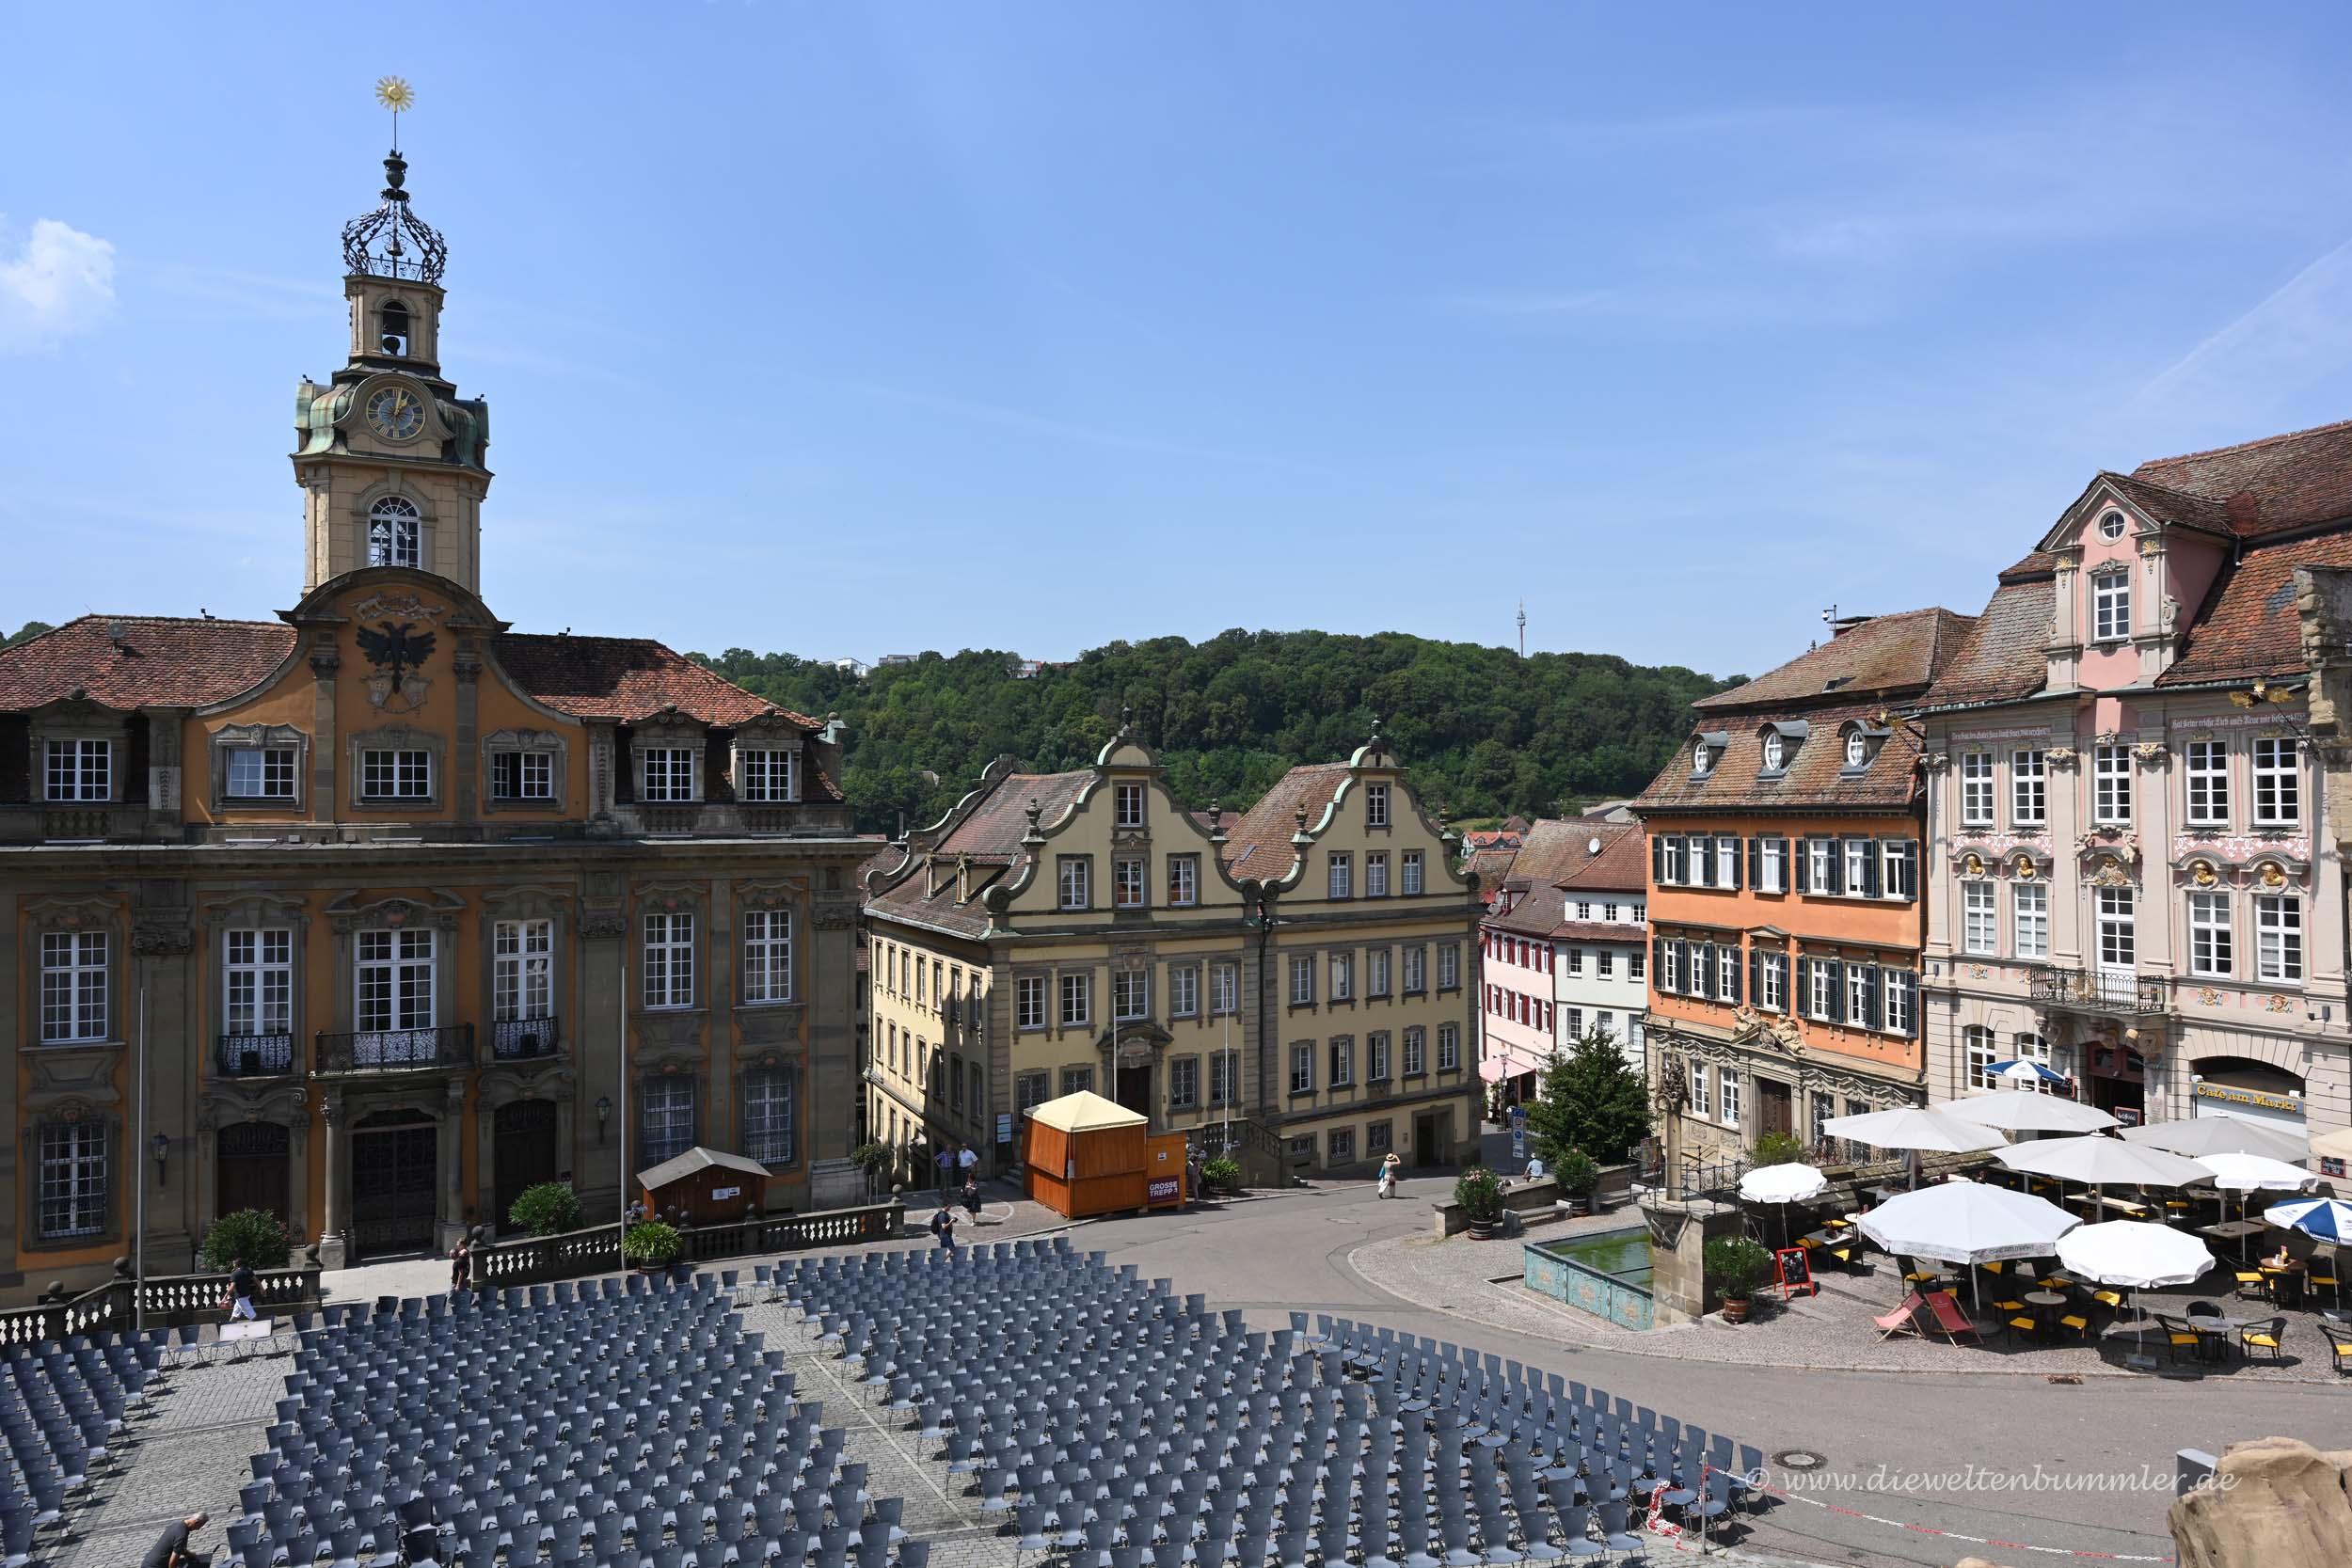 Kirchenvorplatz in Schwäbisch Hall